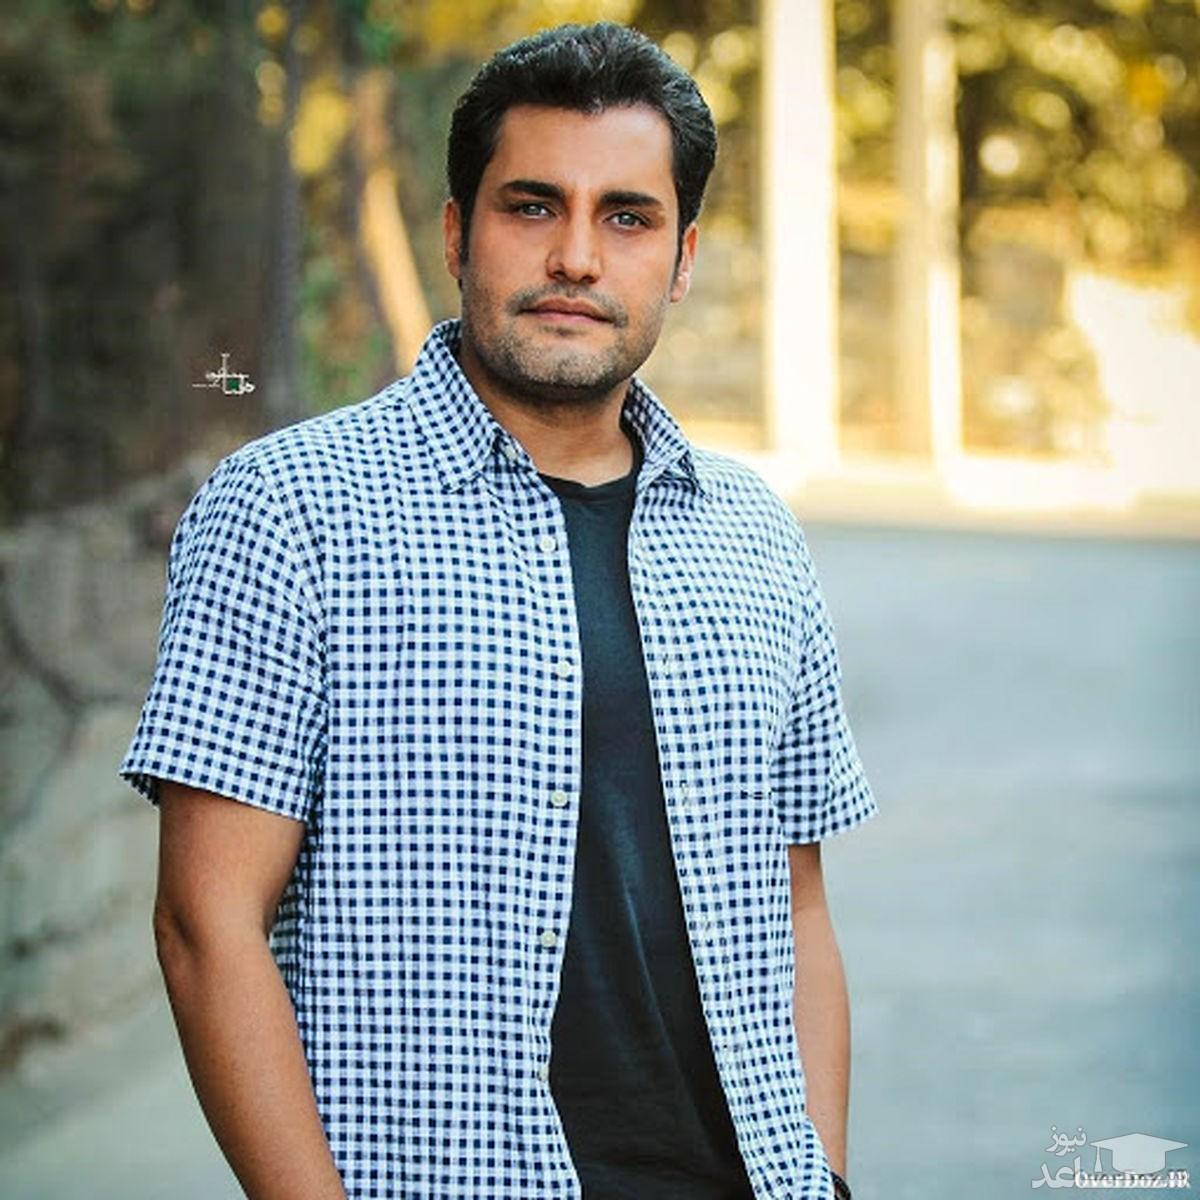 تعجب ریه های امیر محمد زند، بازیگر «ستایش» از هوای تمیز تهران